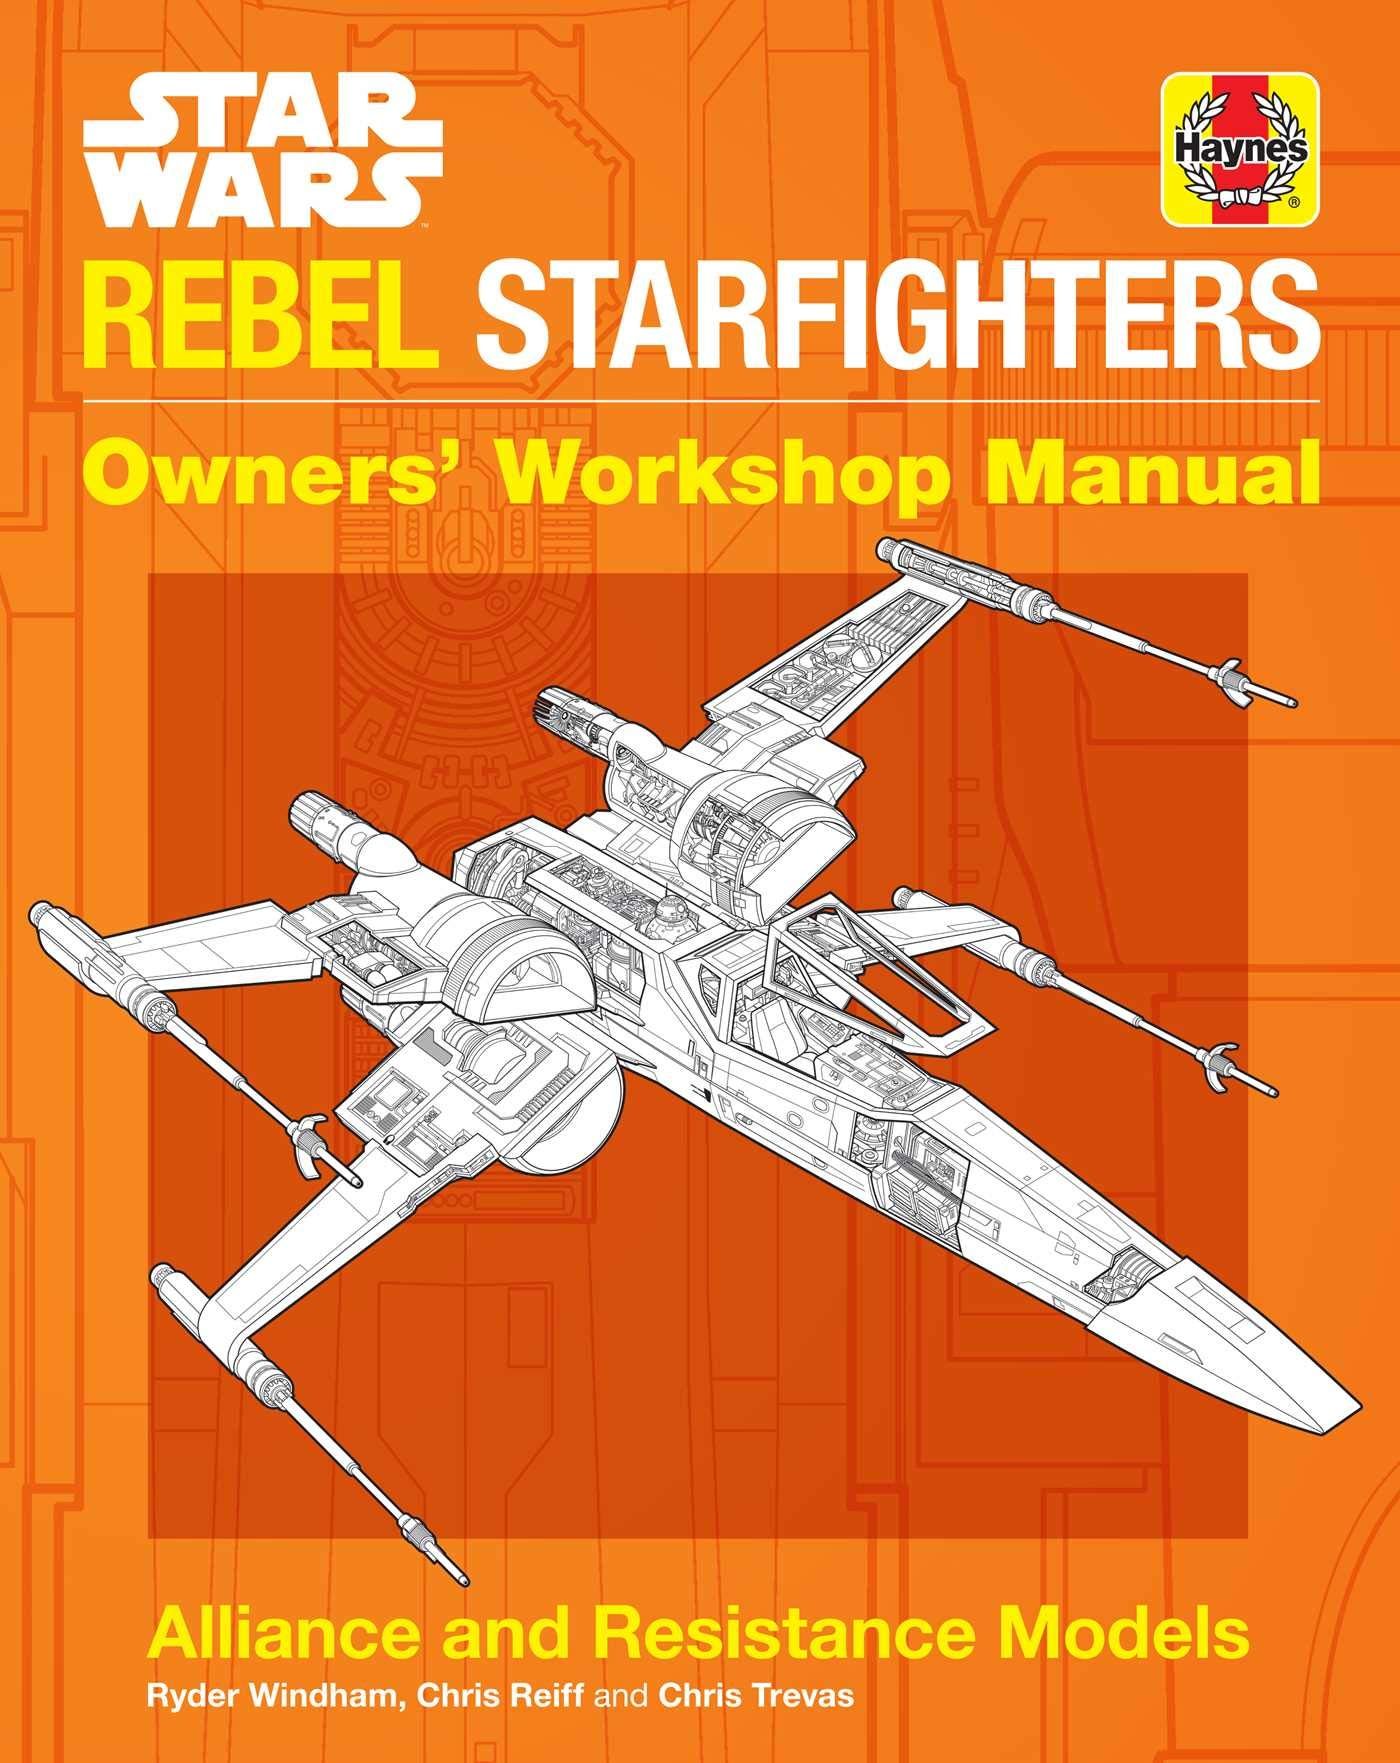 Rebel Starfighters Owners' Workshop Manual (12.11.2019)